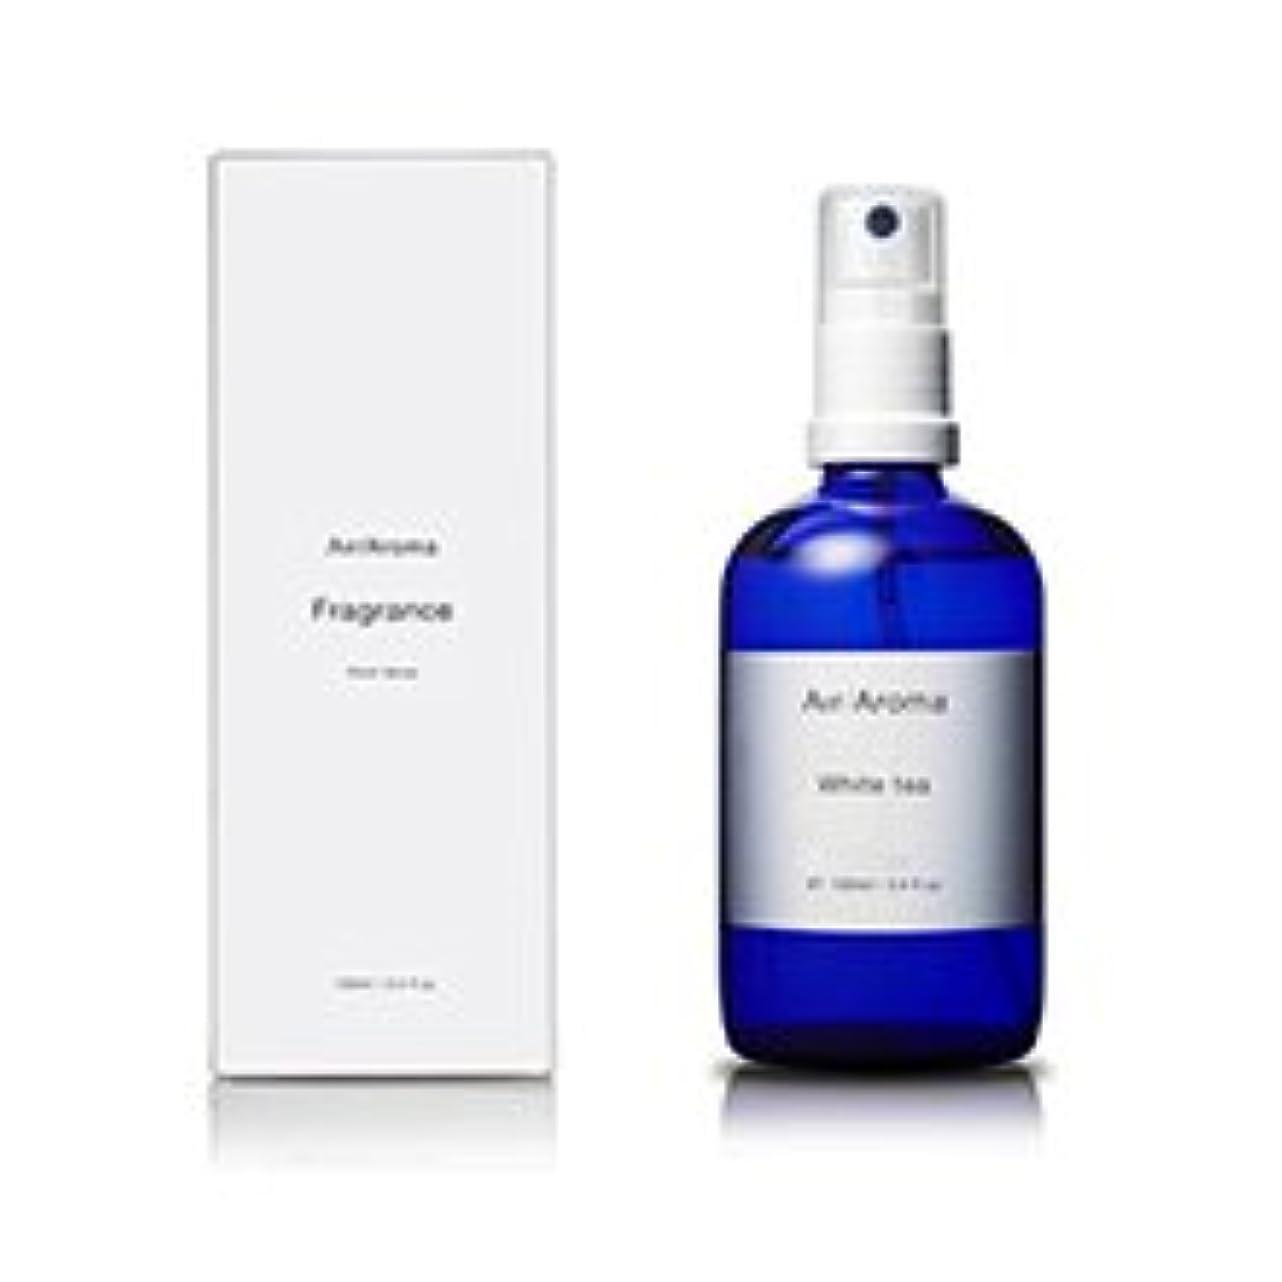 キャンベラ落ち着かないハードエアアロマ white tea room fragrance(ホワイトティ ルームフレグランス)100ml